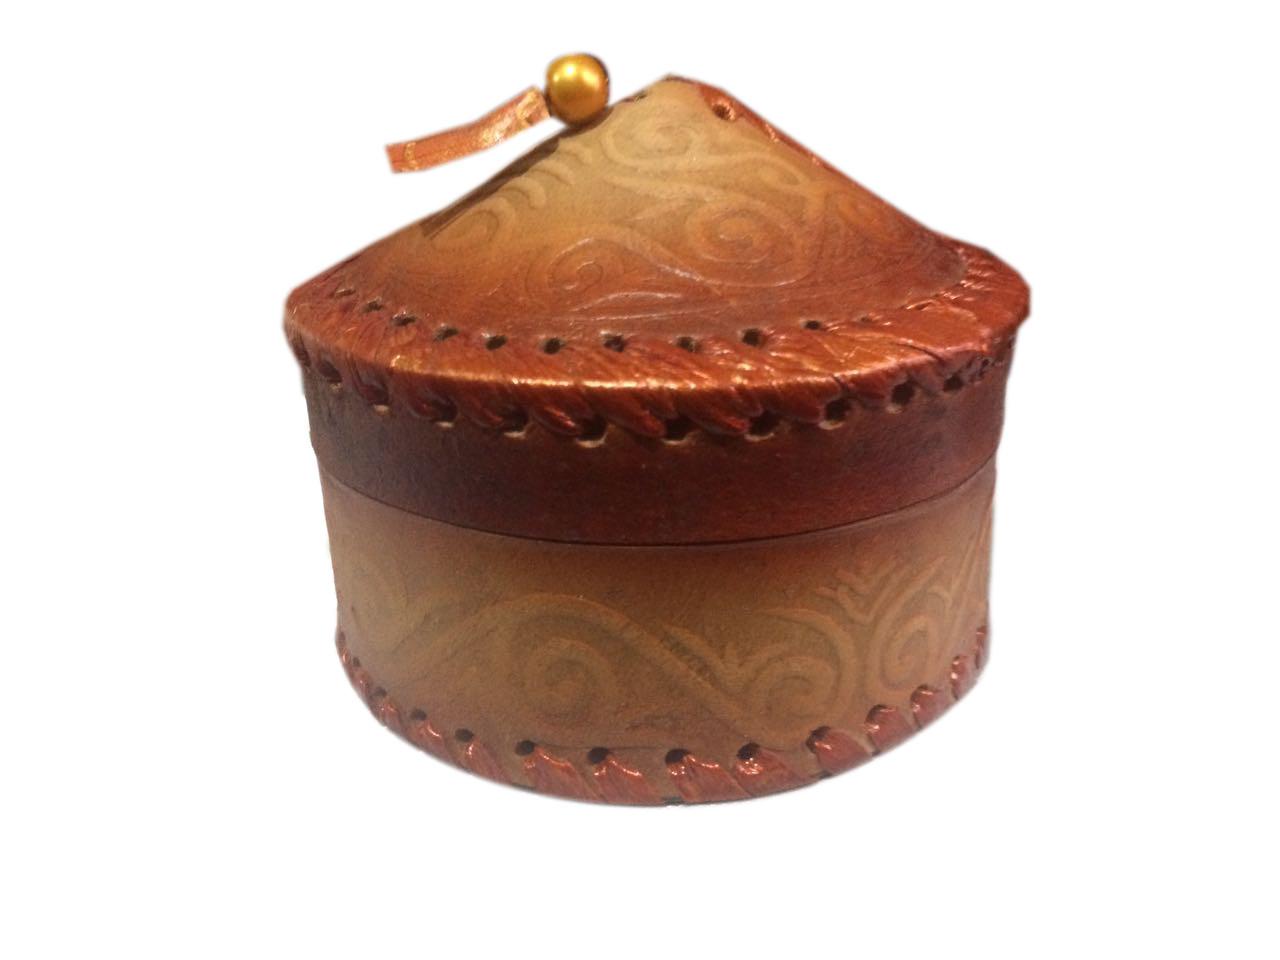 Шкатулка в виде юрты из кожи